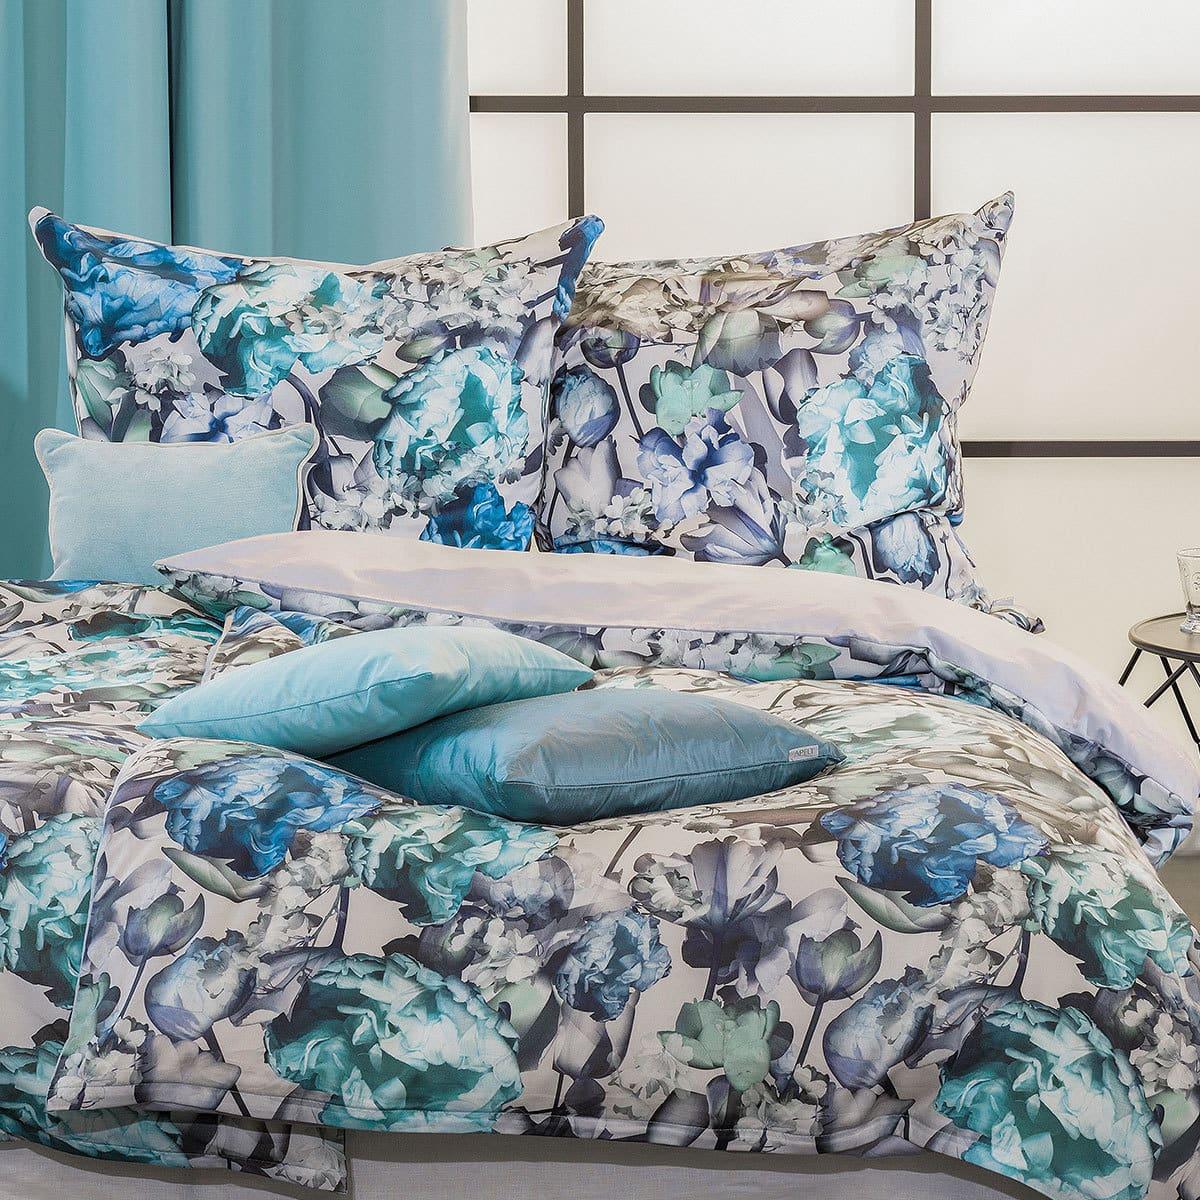 apelt mako satin bettw sche emma g nstig online kaufen bei. Black Bedroom Furniture Sets. Home Design Ideas